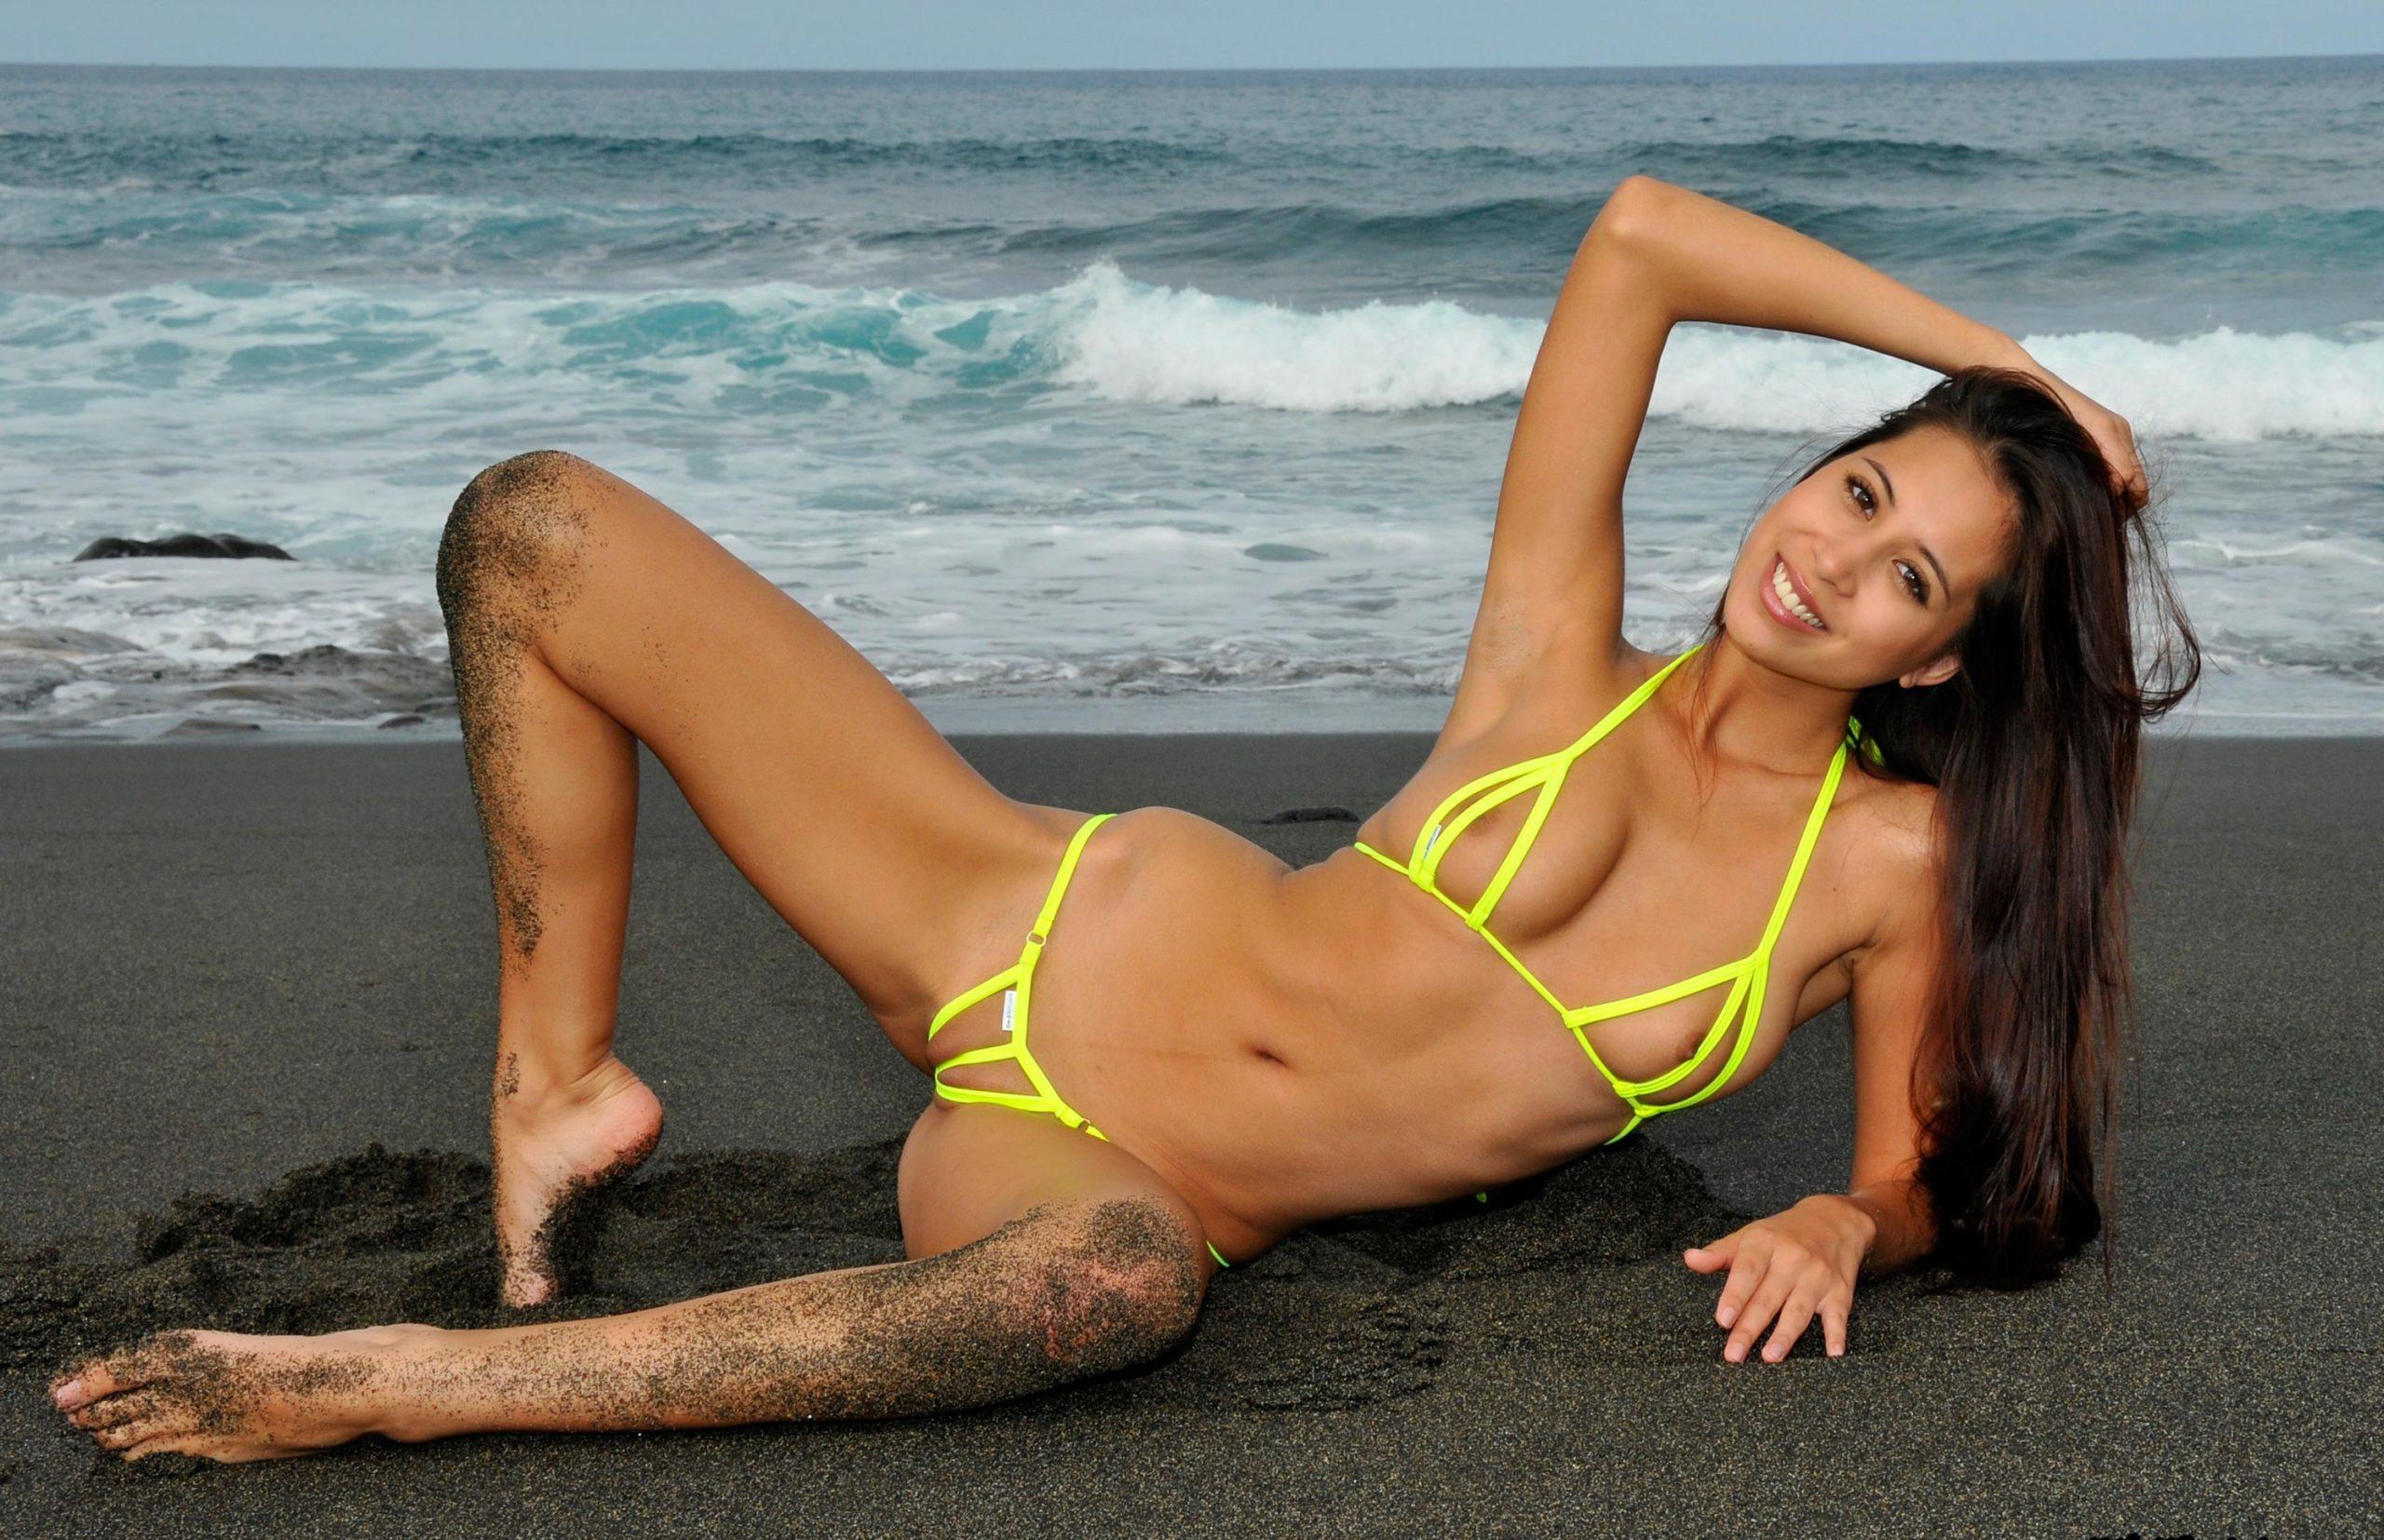 Bikini gallery